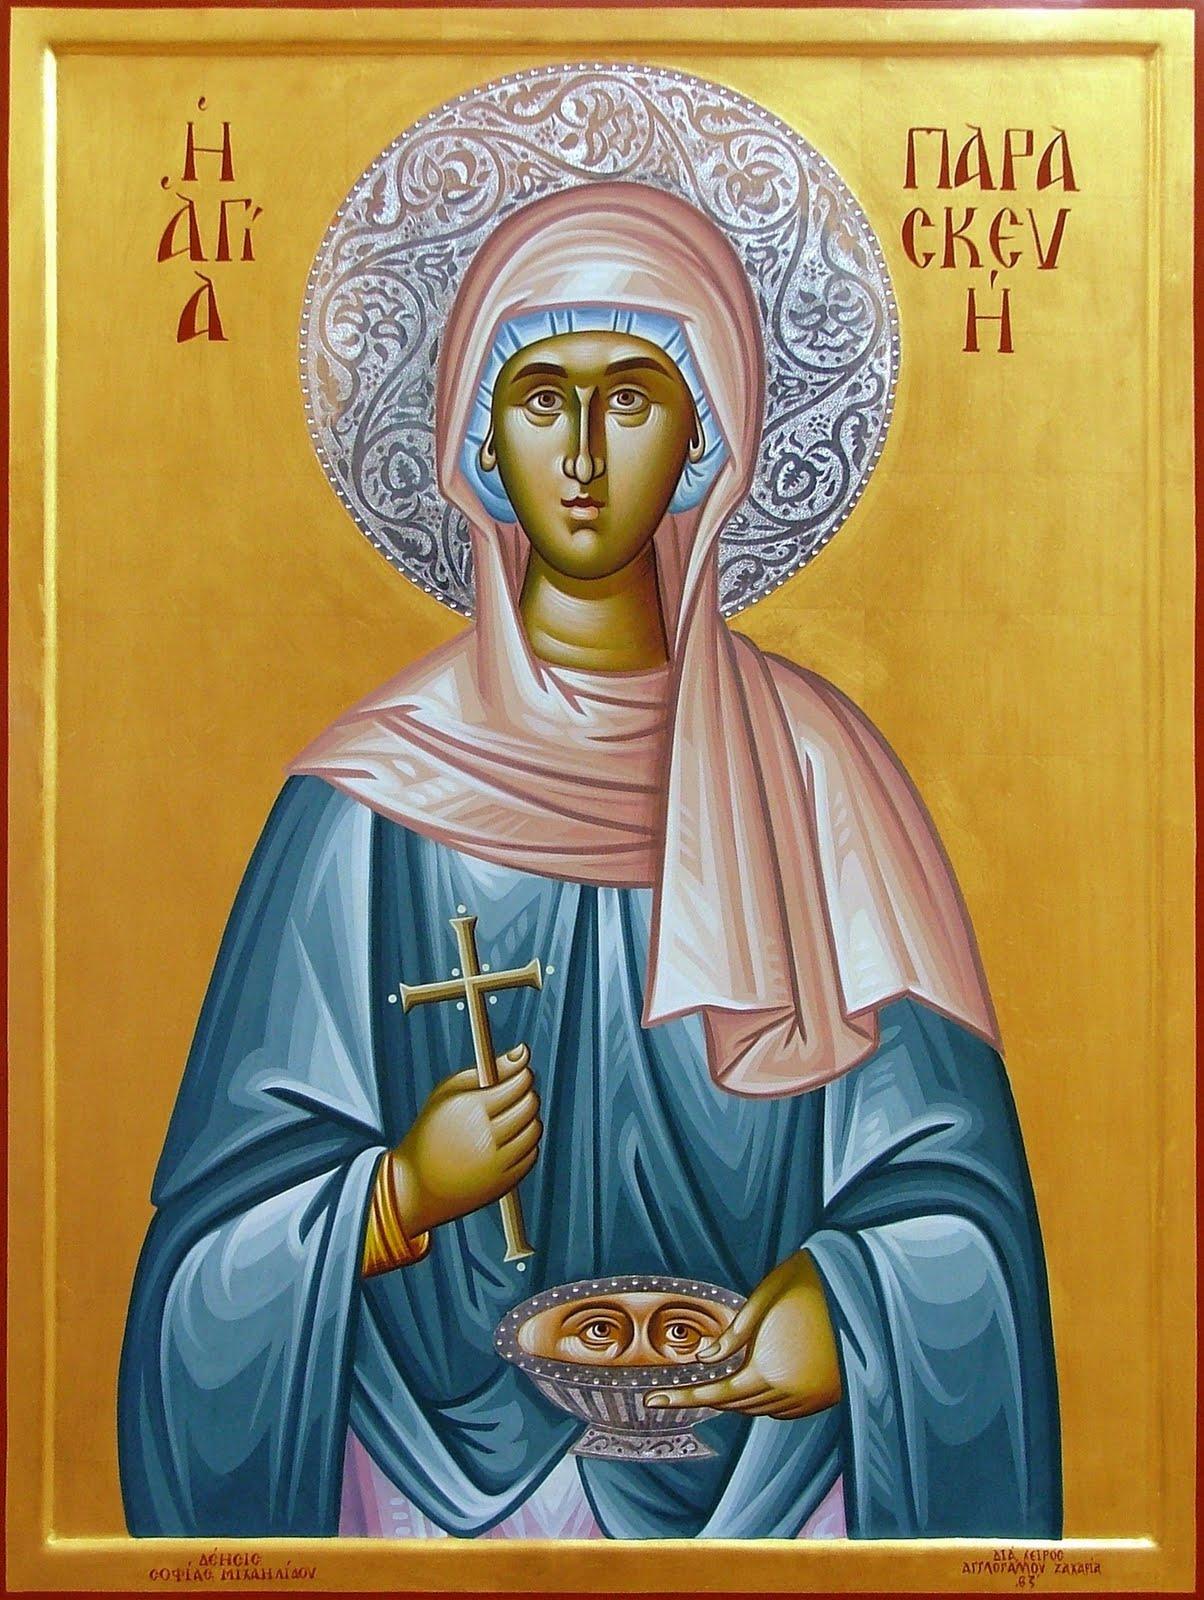 St. Paraskevi the Venerable Martyr